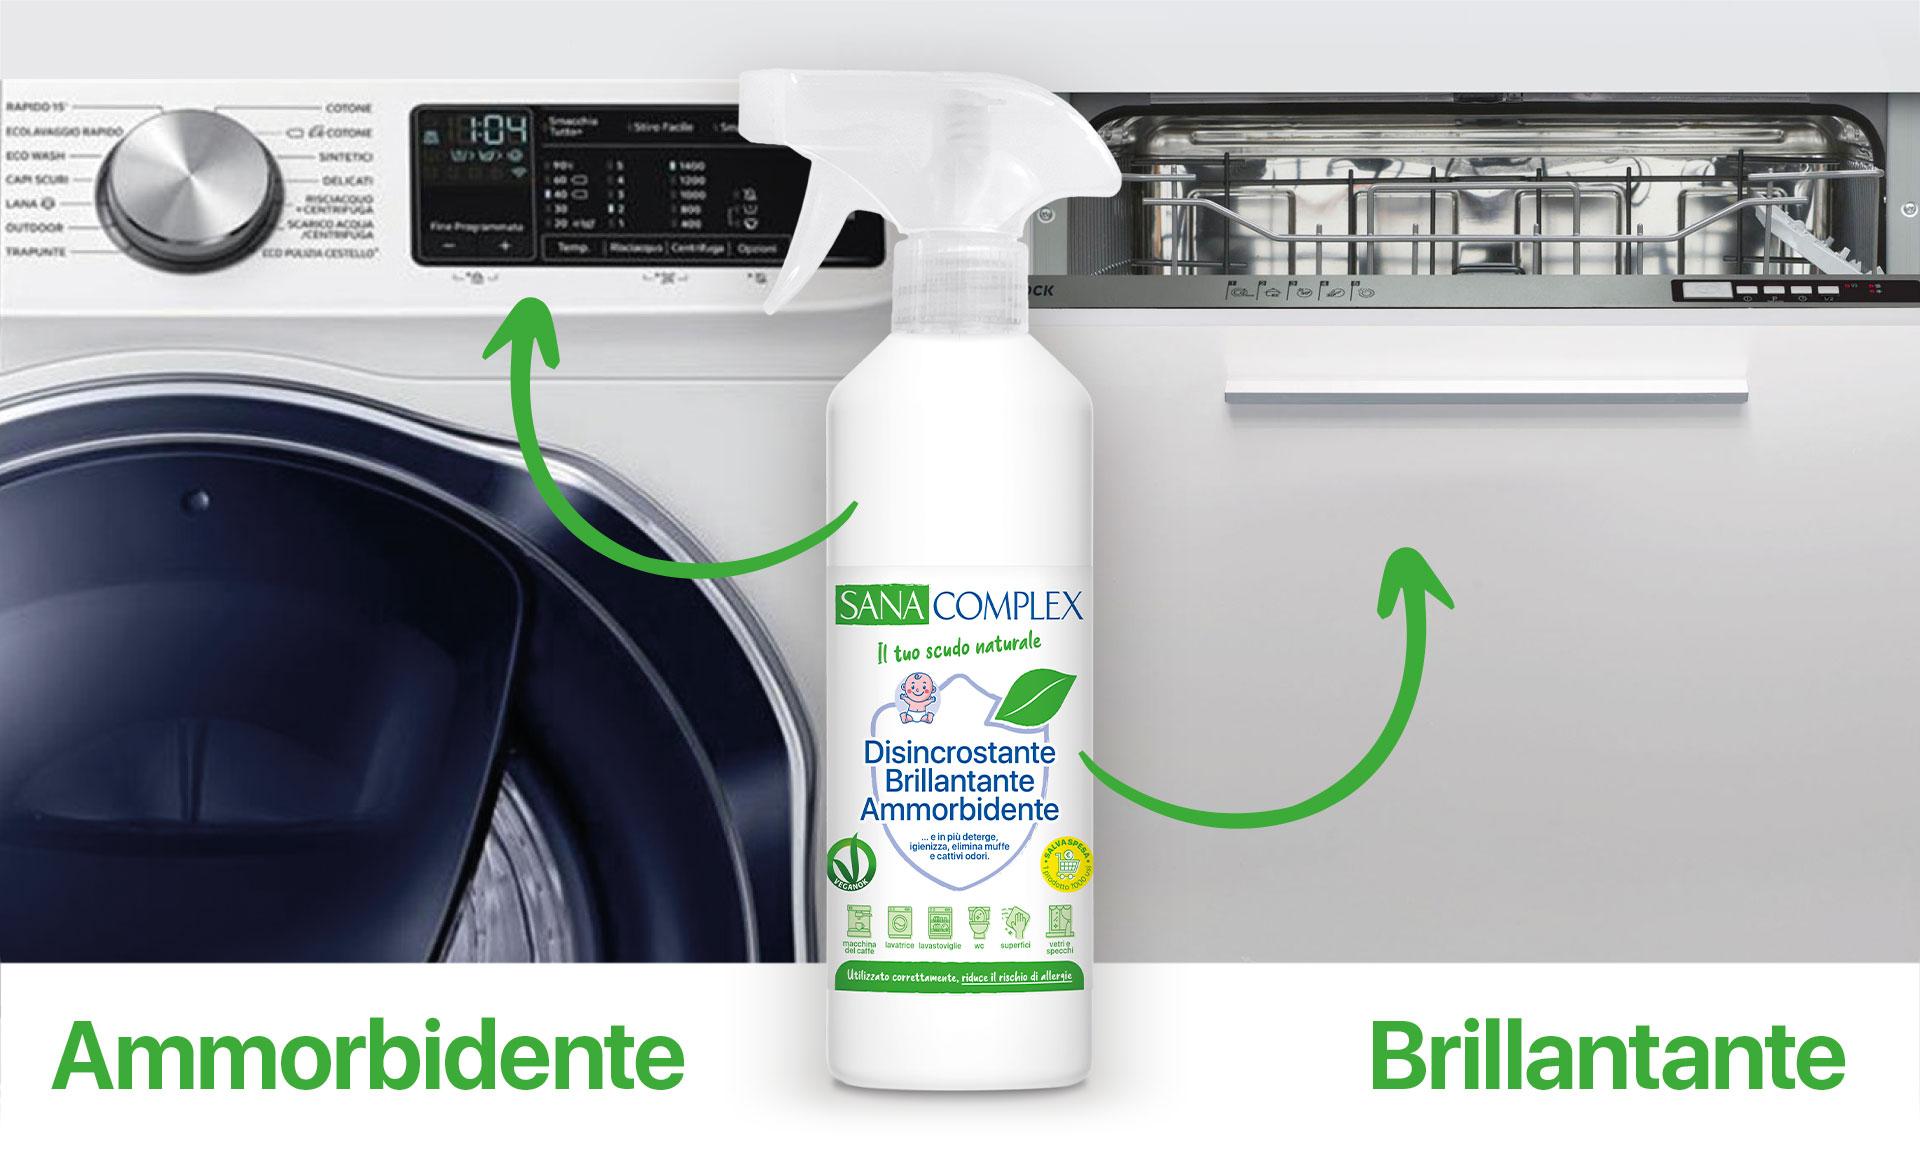 sanacomplex-ammorbidente-lavatrice-brillantante-lavastoviglie-ecologico-naturale-mis